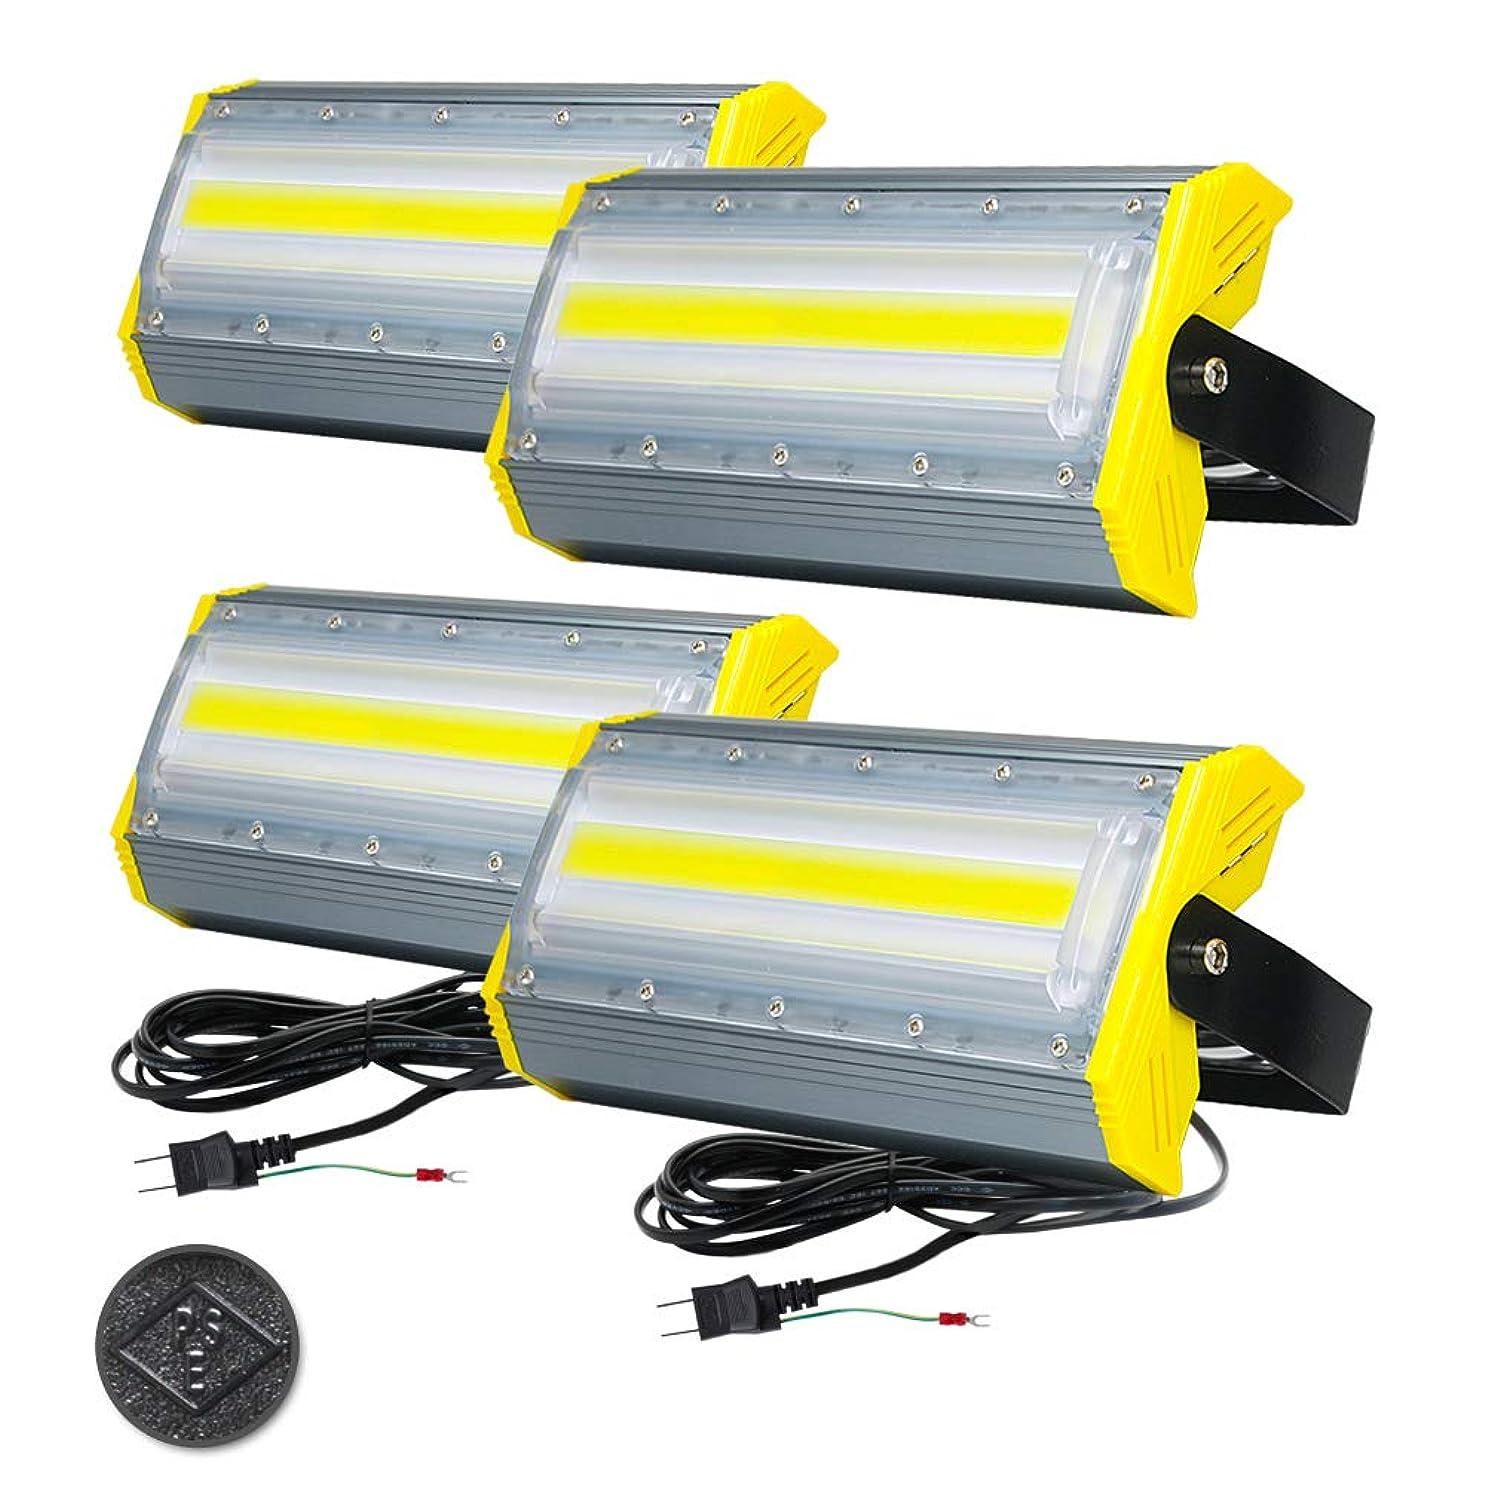 不健康遠征花嫁LED投光器,LED作業灯,50W 850W相当 4個組 COBチップ 8000LM 3Mコード アース付きプラグ PSE適合 看板灯 街路灯 駐車場灯 昼光色 防水 1年保証